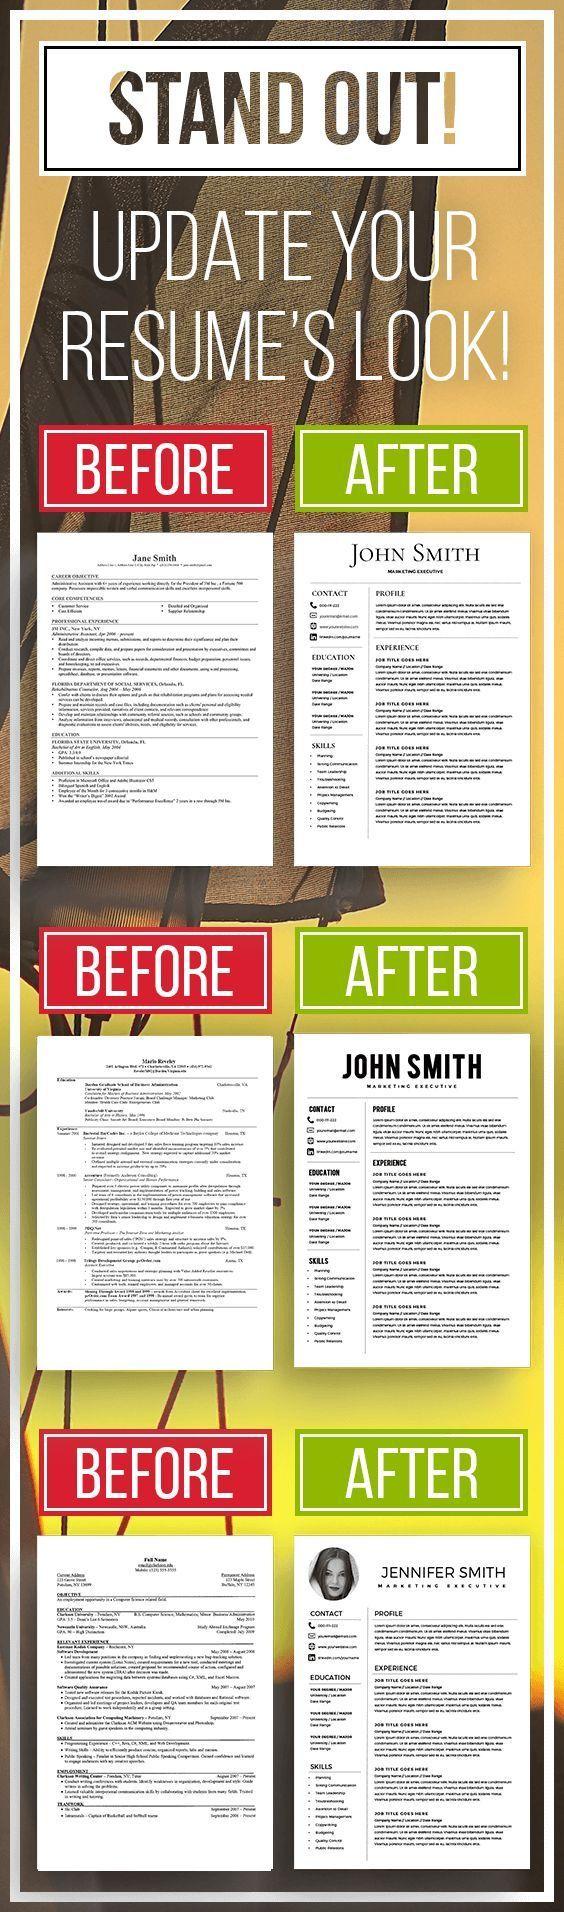 cv template, resume template, minamilist resume, resume template word, creative resume, cv template, word cover letter, modern resume